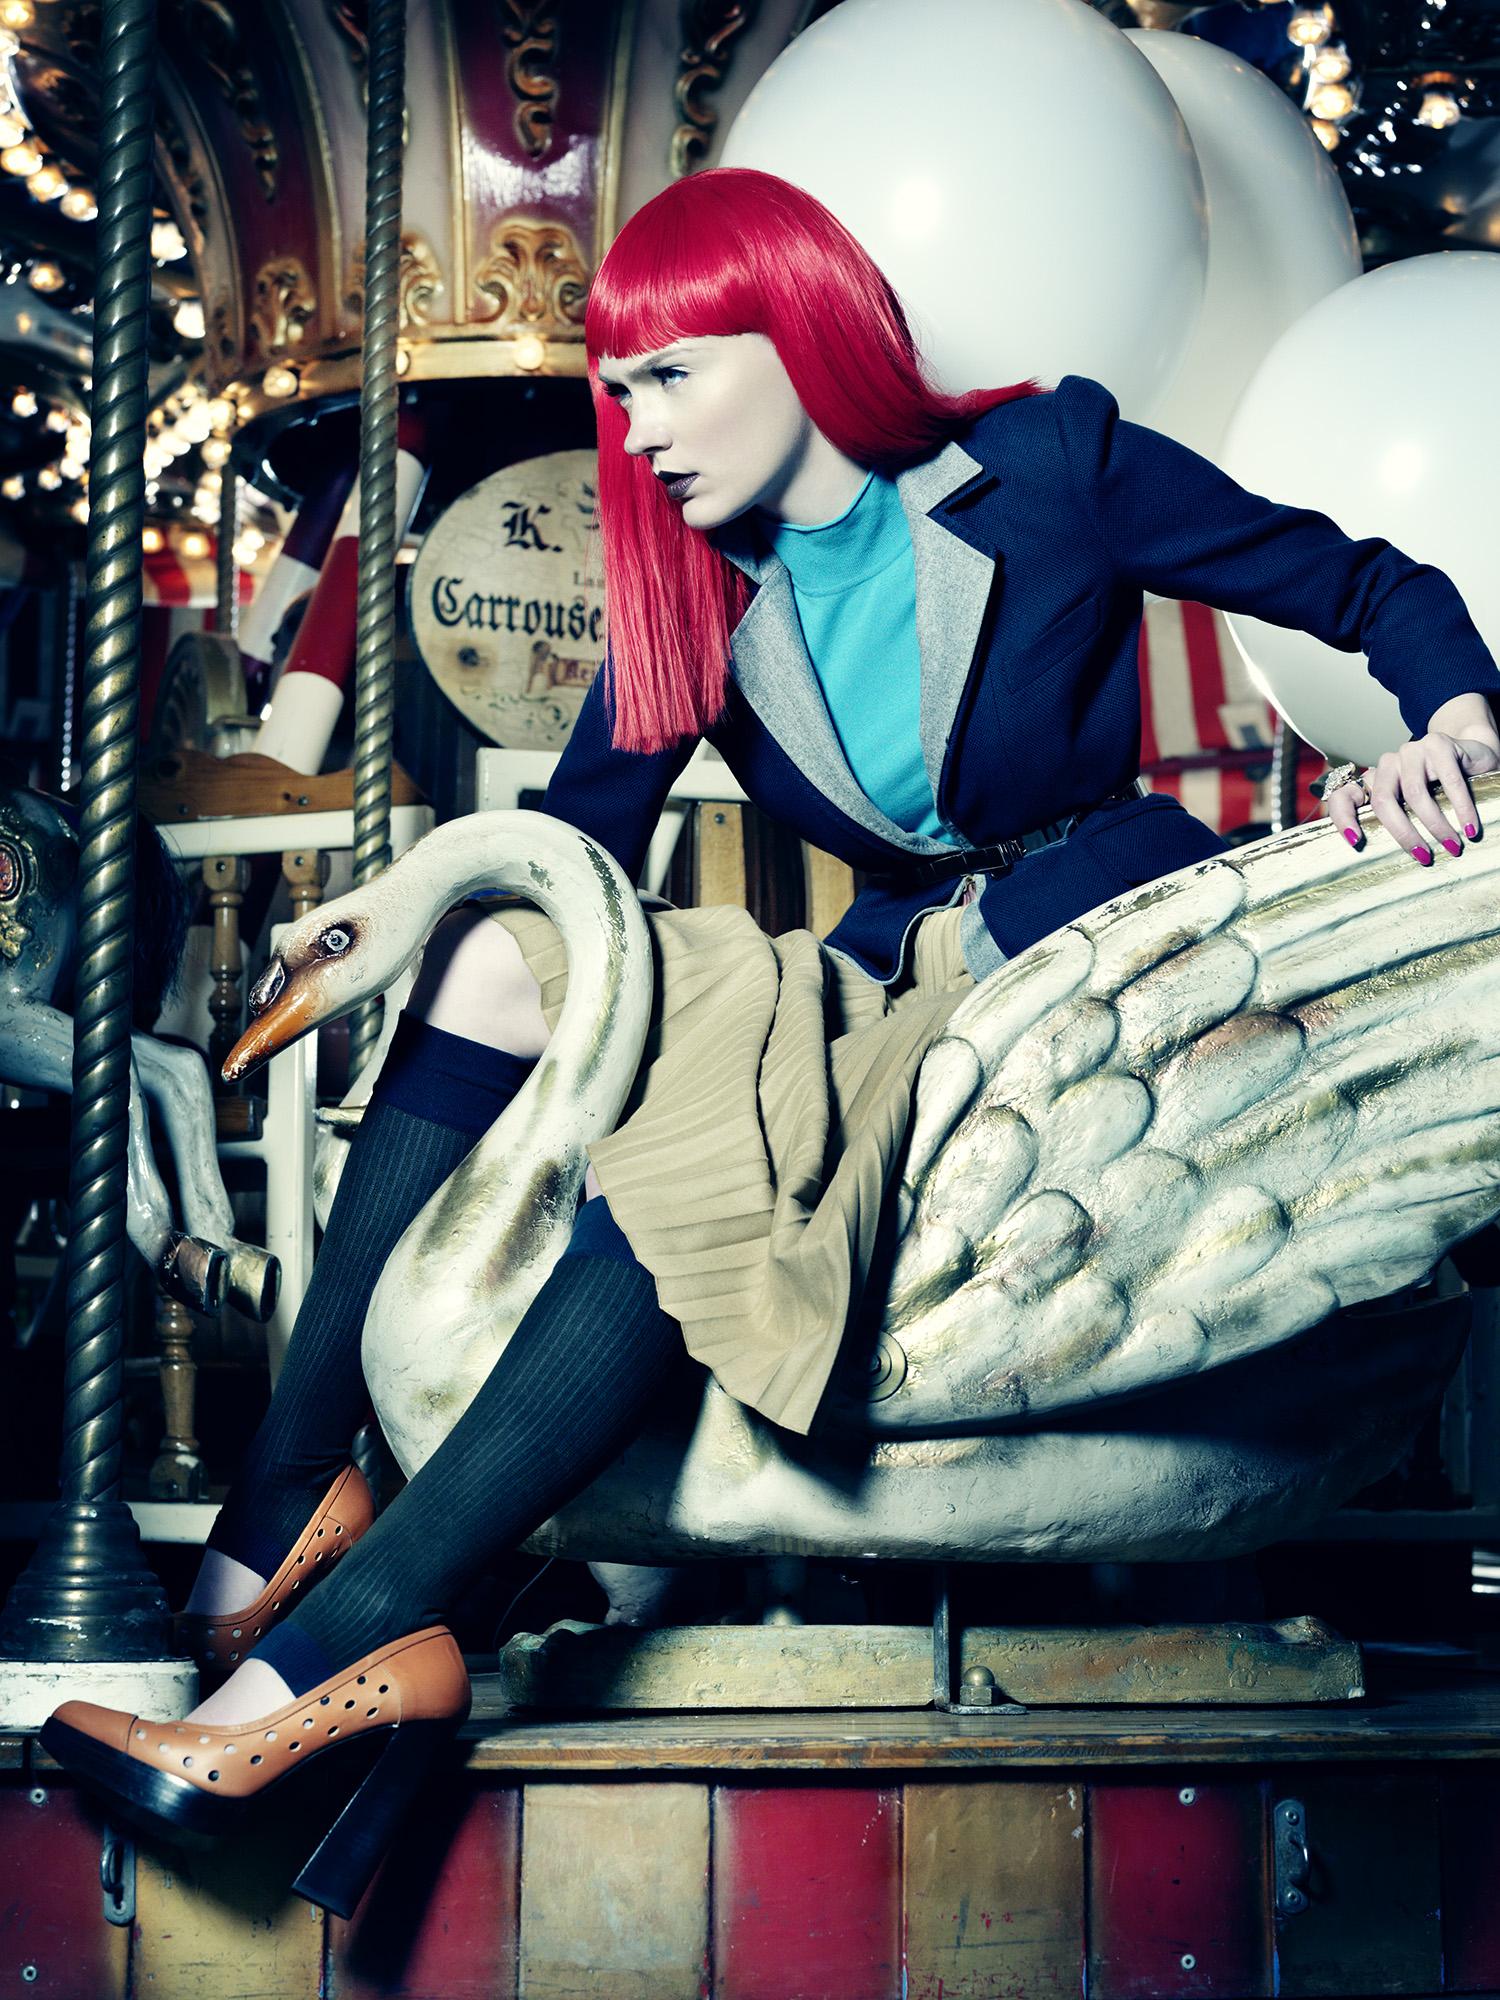 Anatol de Cap Rouge - merrygoround - pink hair - swan